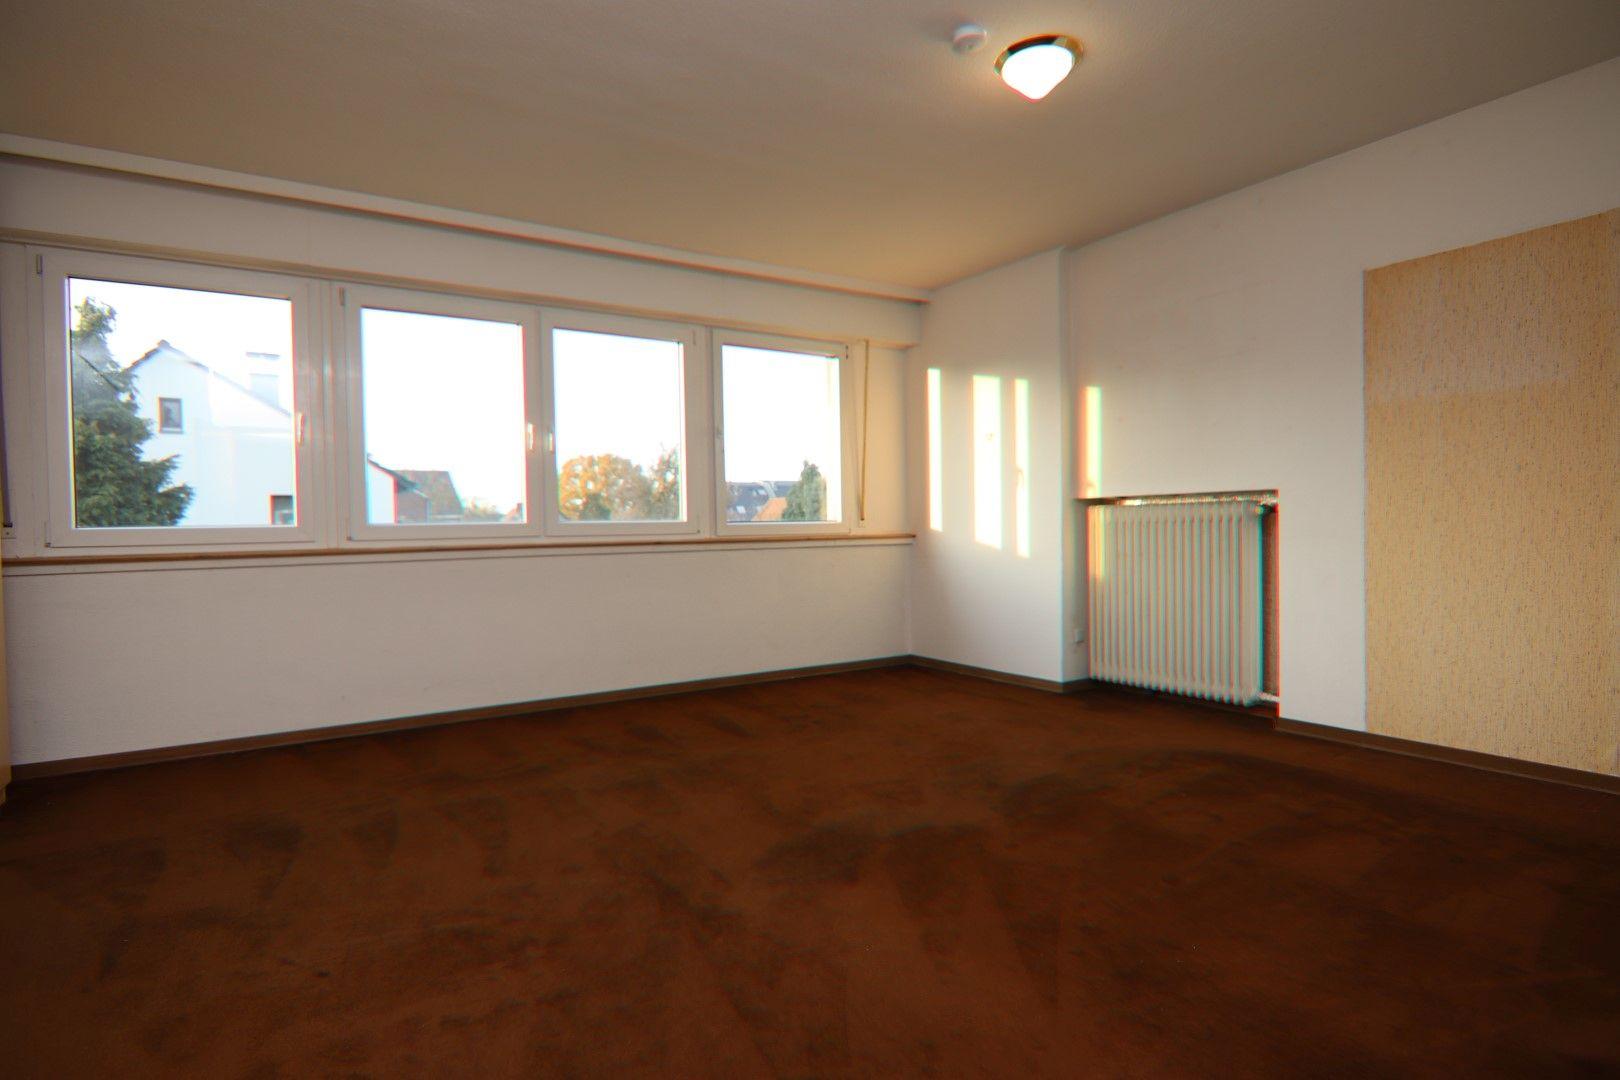 Immobilie Nr.0279 - Freistehendes EFH mit Anbau, Keller und Garage - Bild 15.jpg